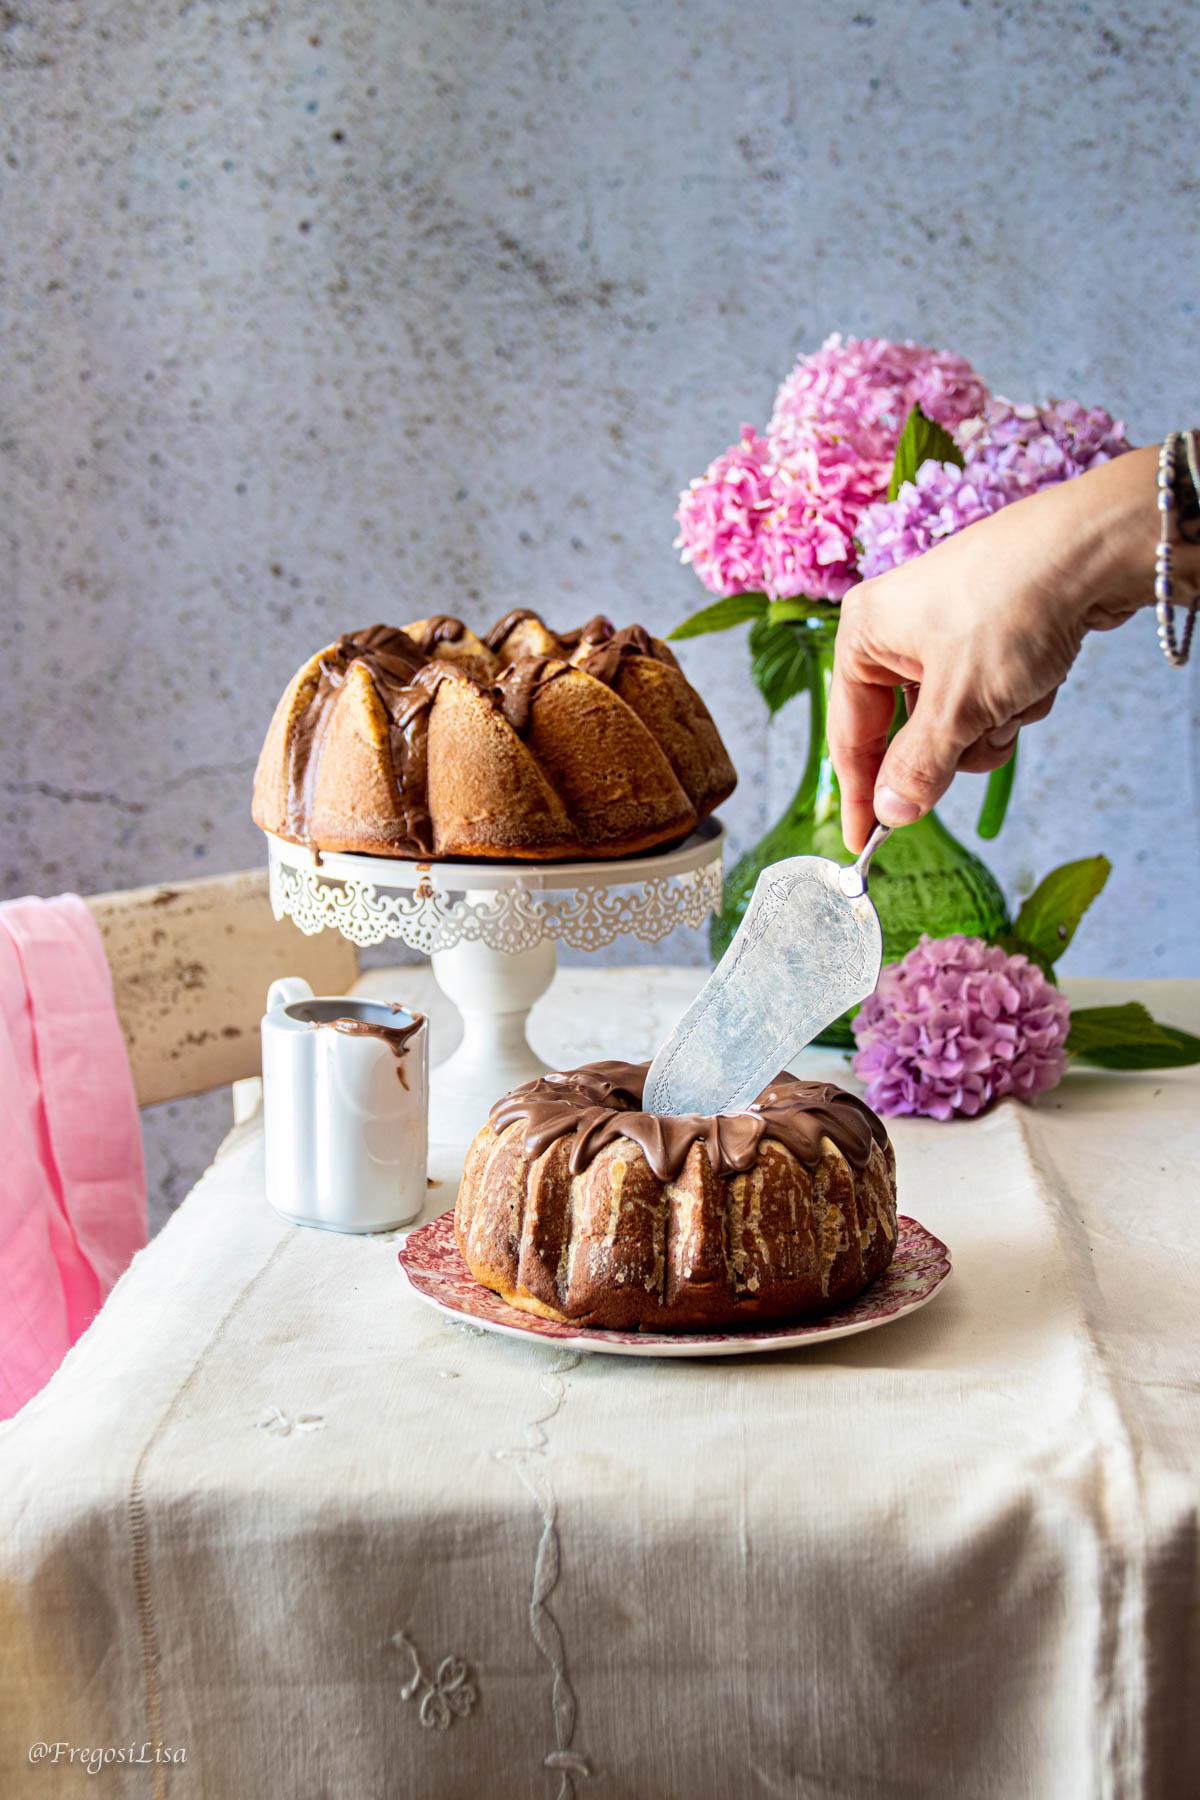 ricetta torta abbracciociambella dolce abbraccio ciambella soffice abbraccio